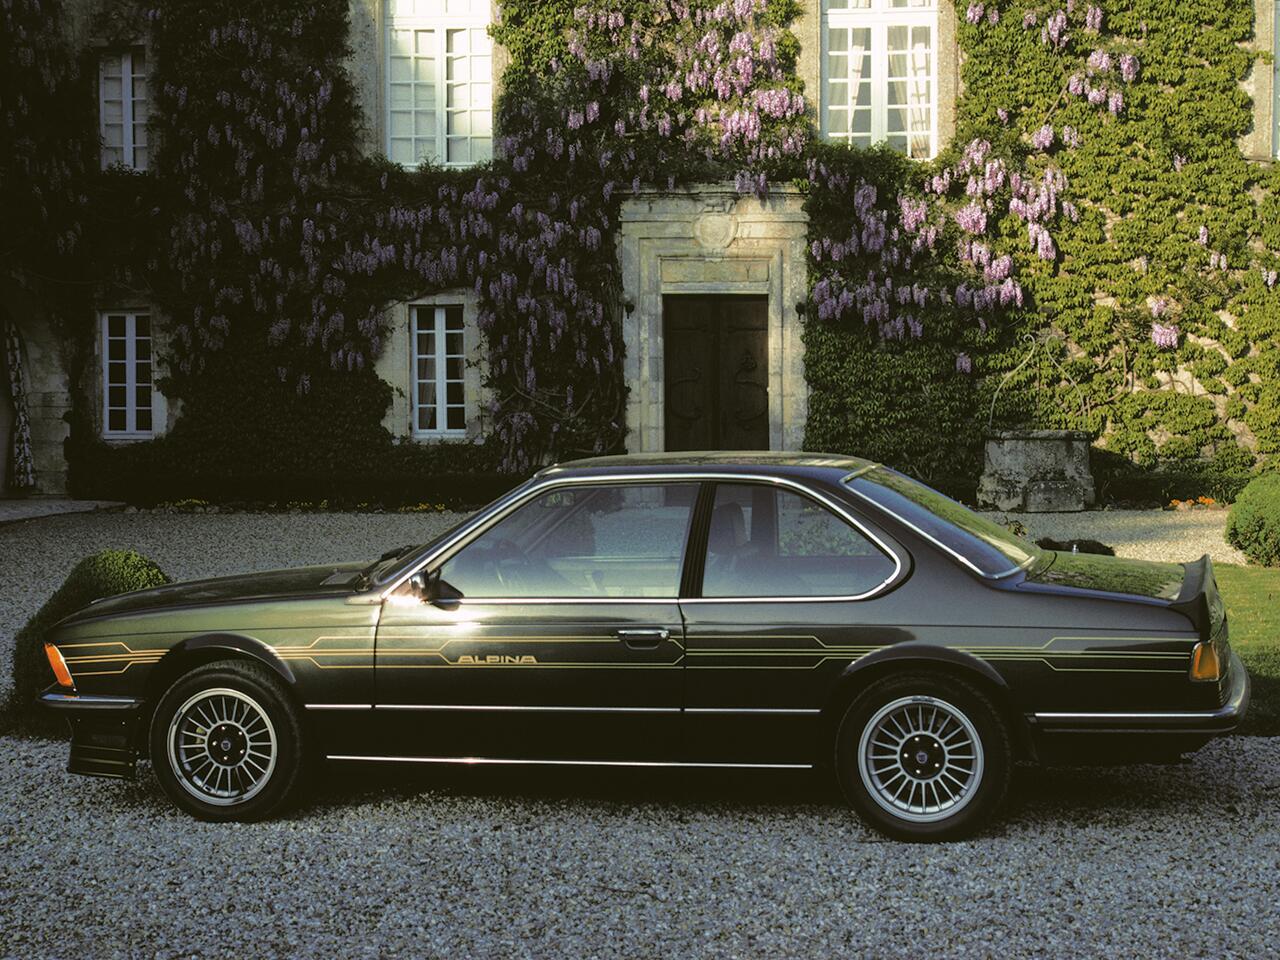 Bild zu BMW Alpina B7 S Turbo Coupé